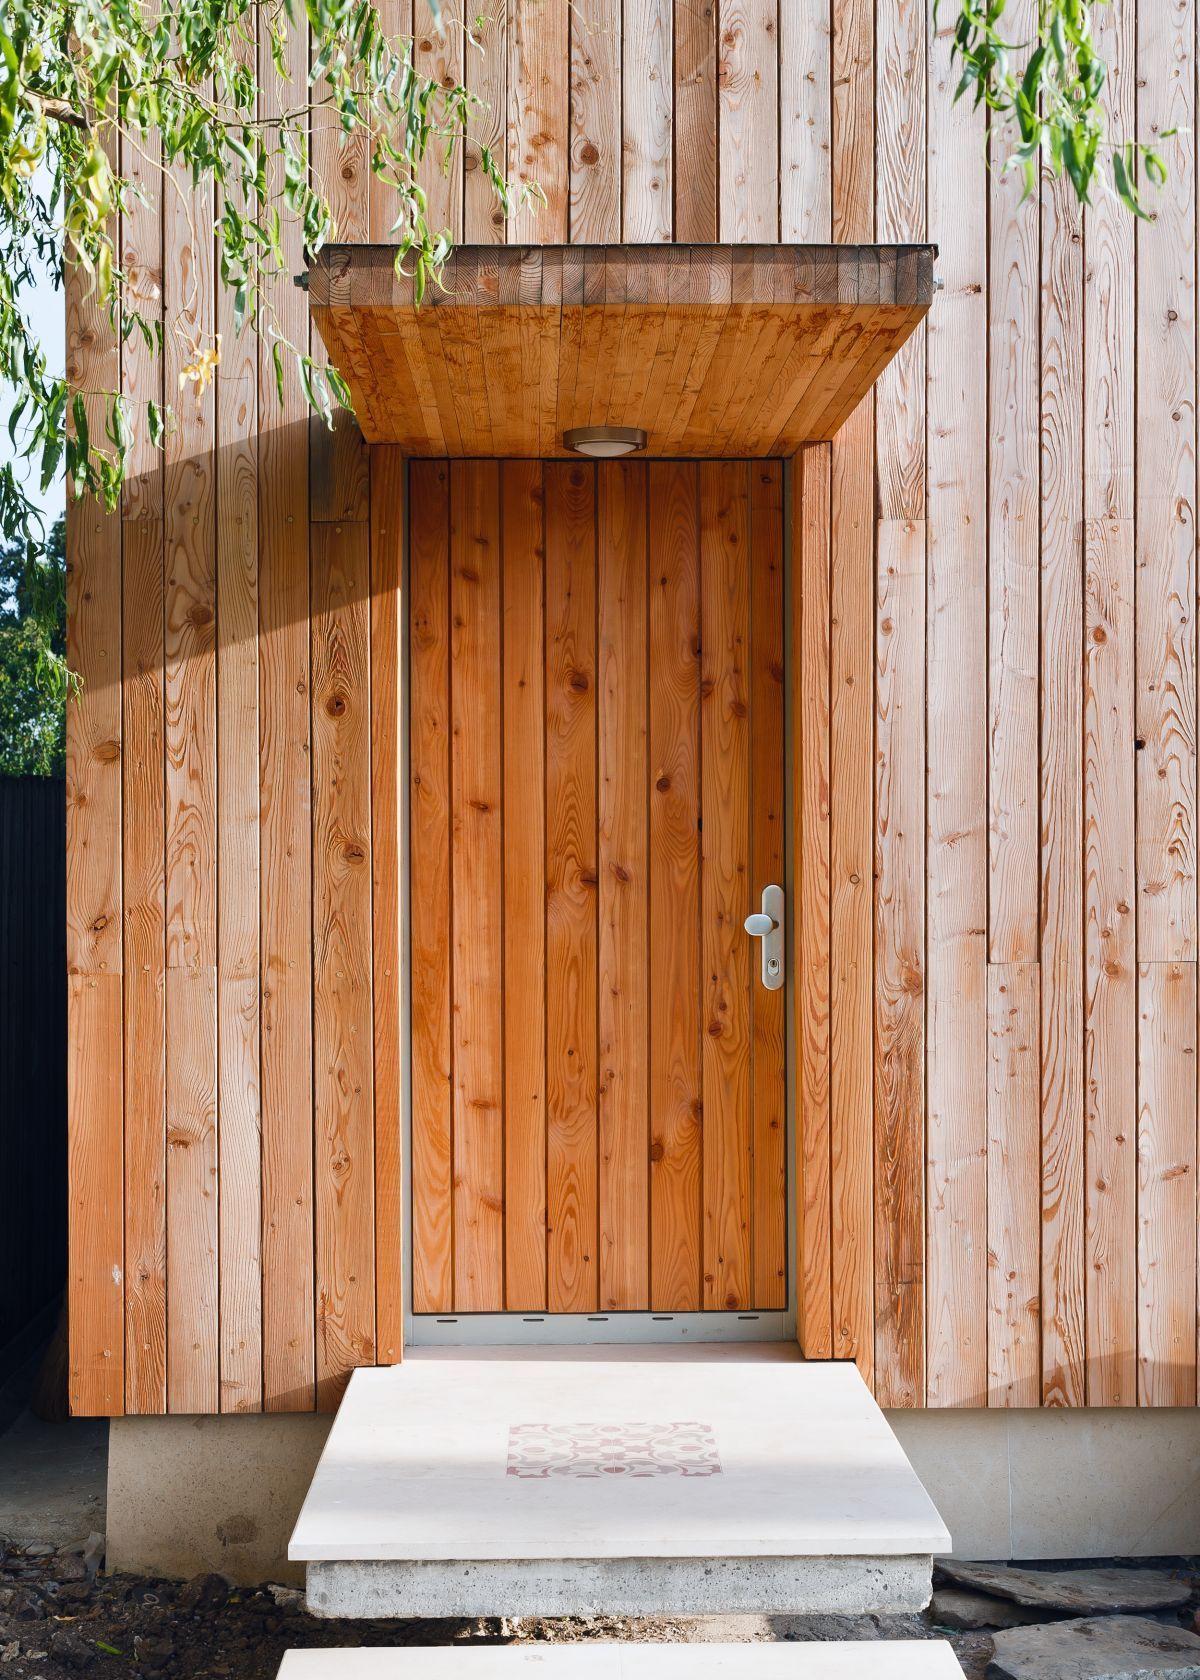 Как сделать козырек над крыльцом (61 фото): создаем красивый вход в дом http://happymodern.ru/kak-sdelat-kozyrek-nad-krylcom-59-foto-sozdaem-krasivyj-vxod-v-dom/ Козырек над крыльцом сверху можно обшить металлом